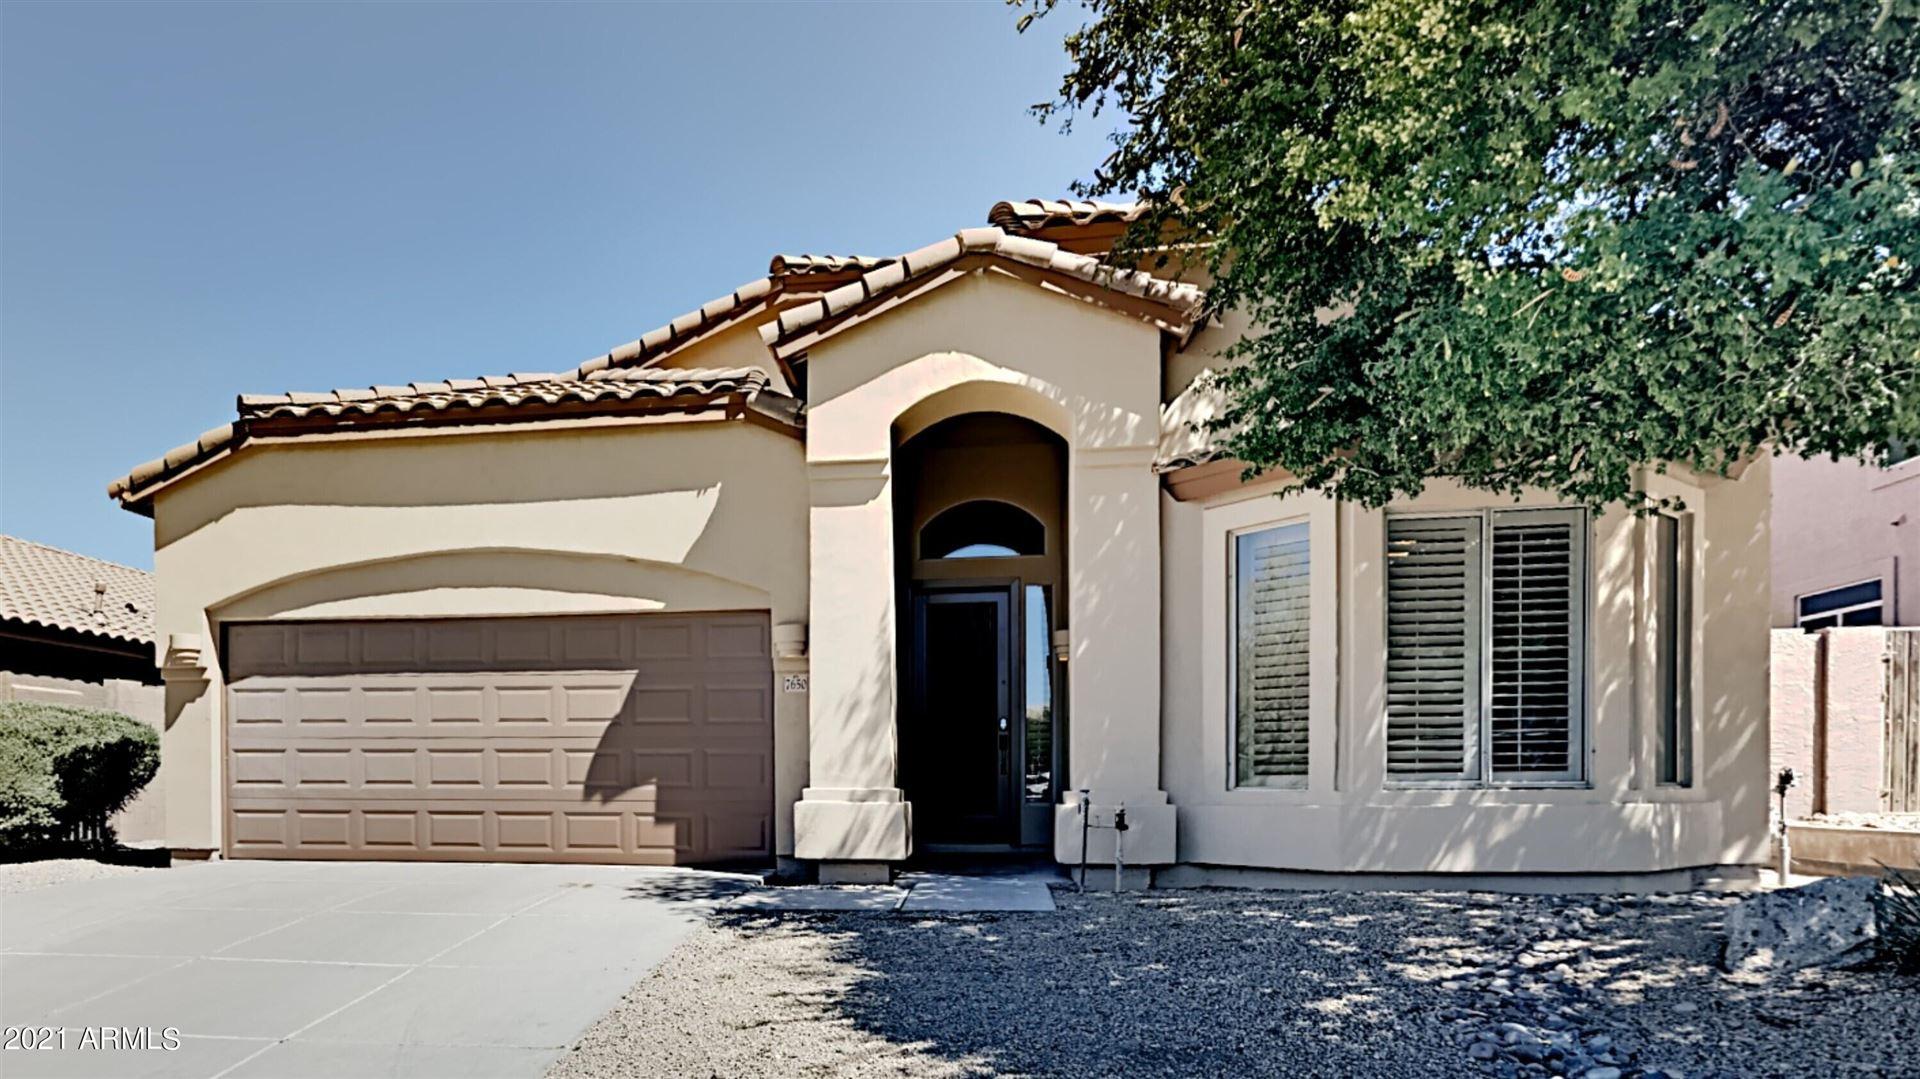 7650 E REGINA Street, Mesa, AZ 85207 - MLS#: 6244512